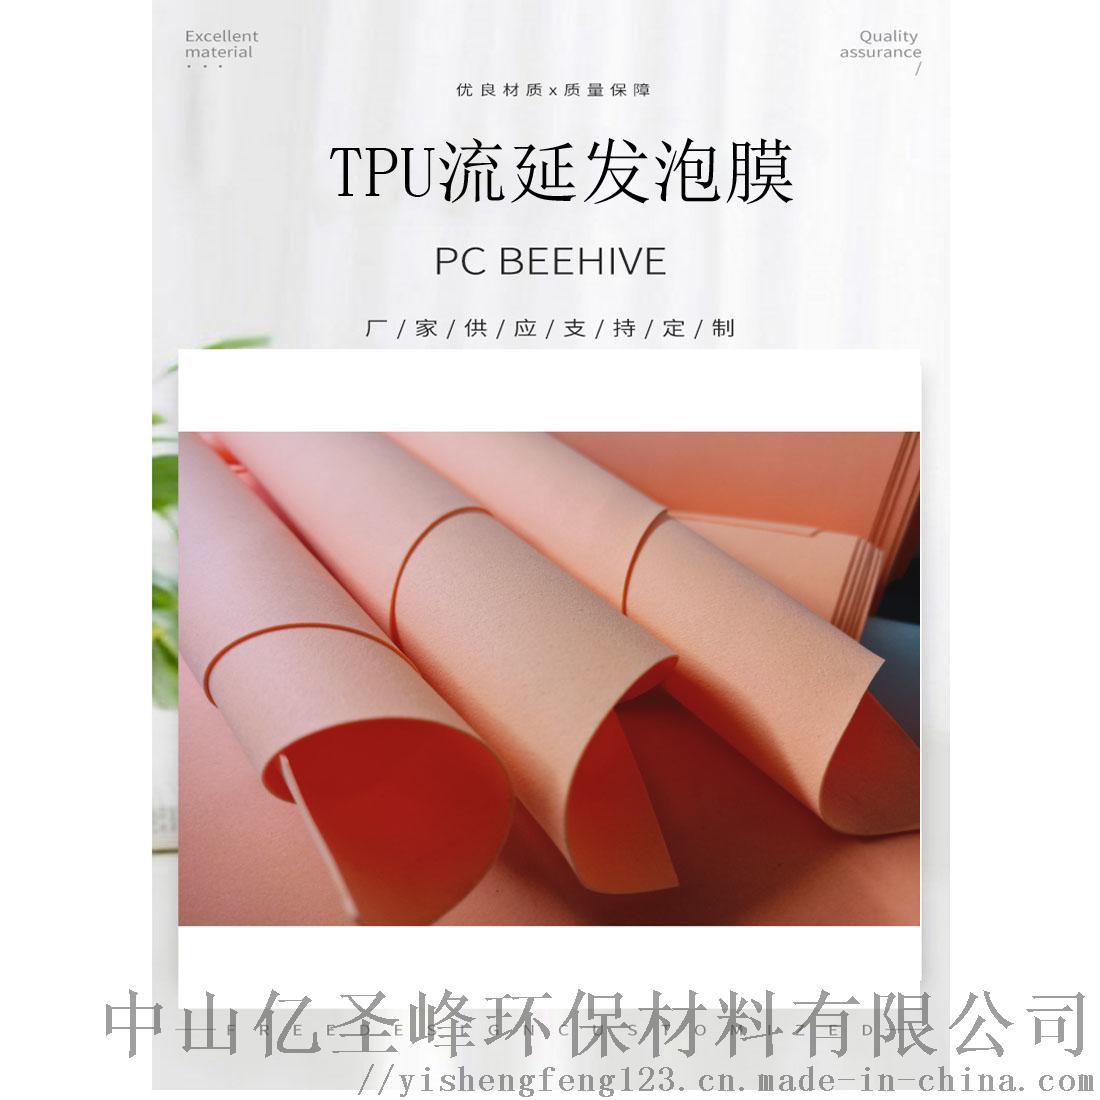 耐磨tpu流延发泡膜商标制作材料845375272